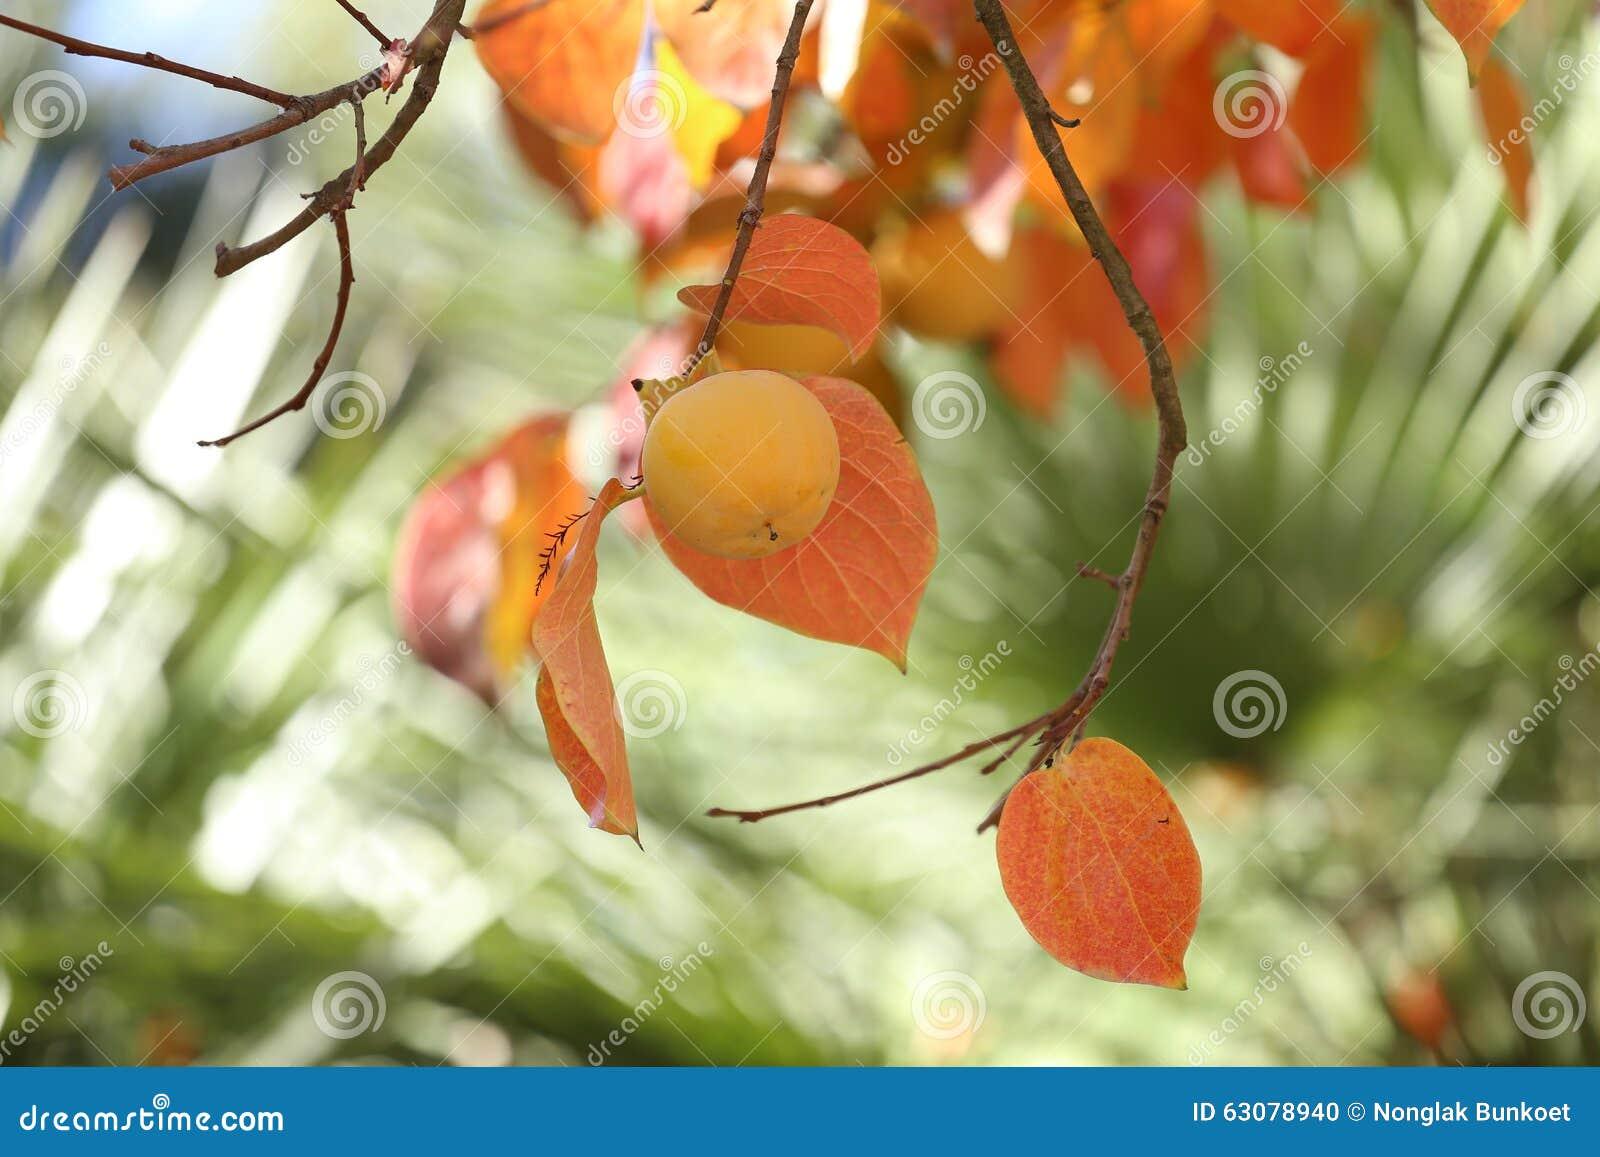 Download Kakis sur l'arbre photo stock. Image du automne, jaune - 63078940